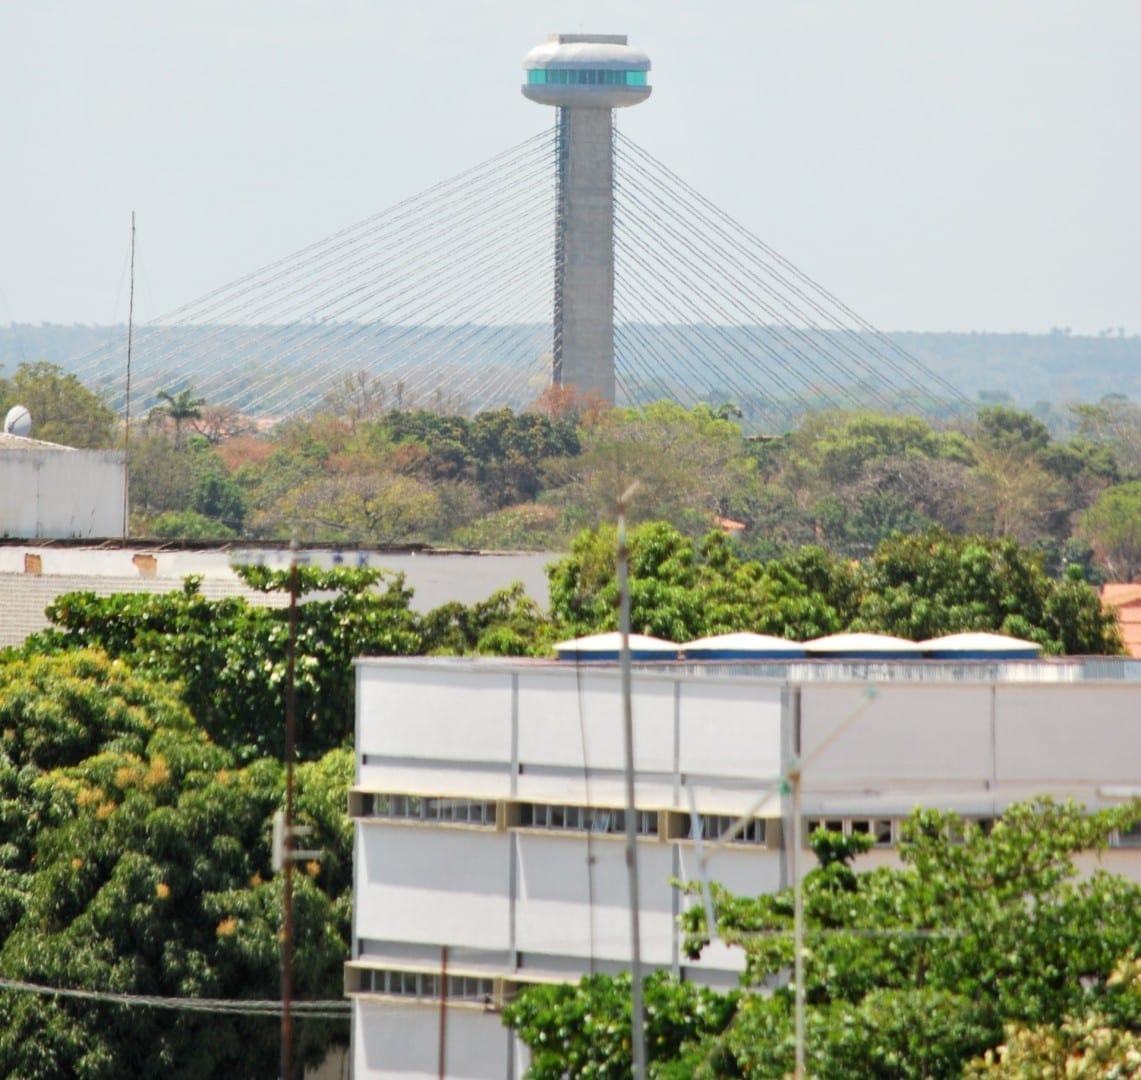 Torre de vigilancia en el Puente del Sesquicentenario Teresina Brasil